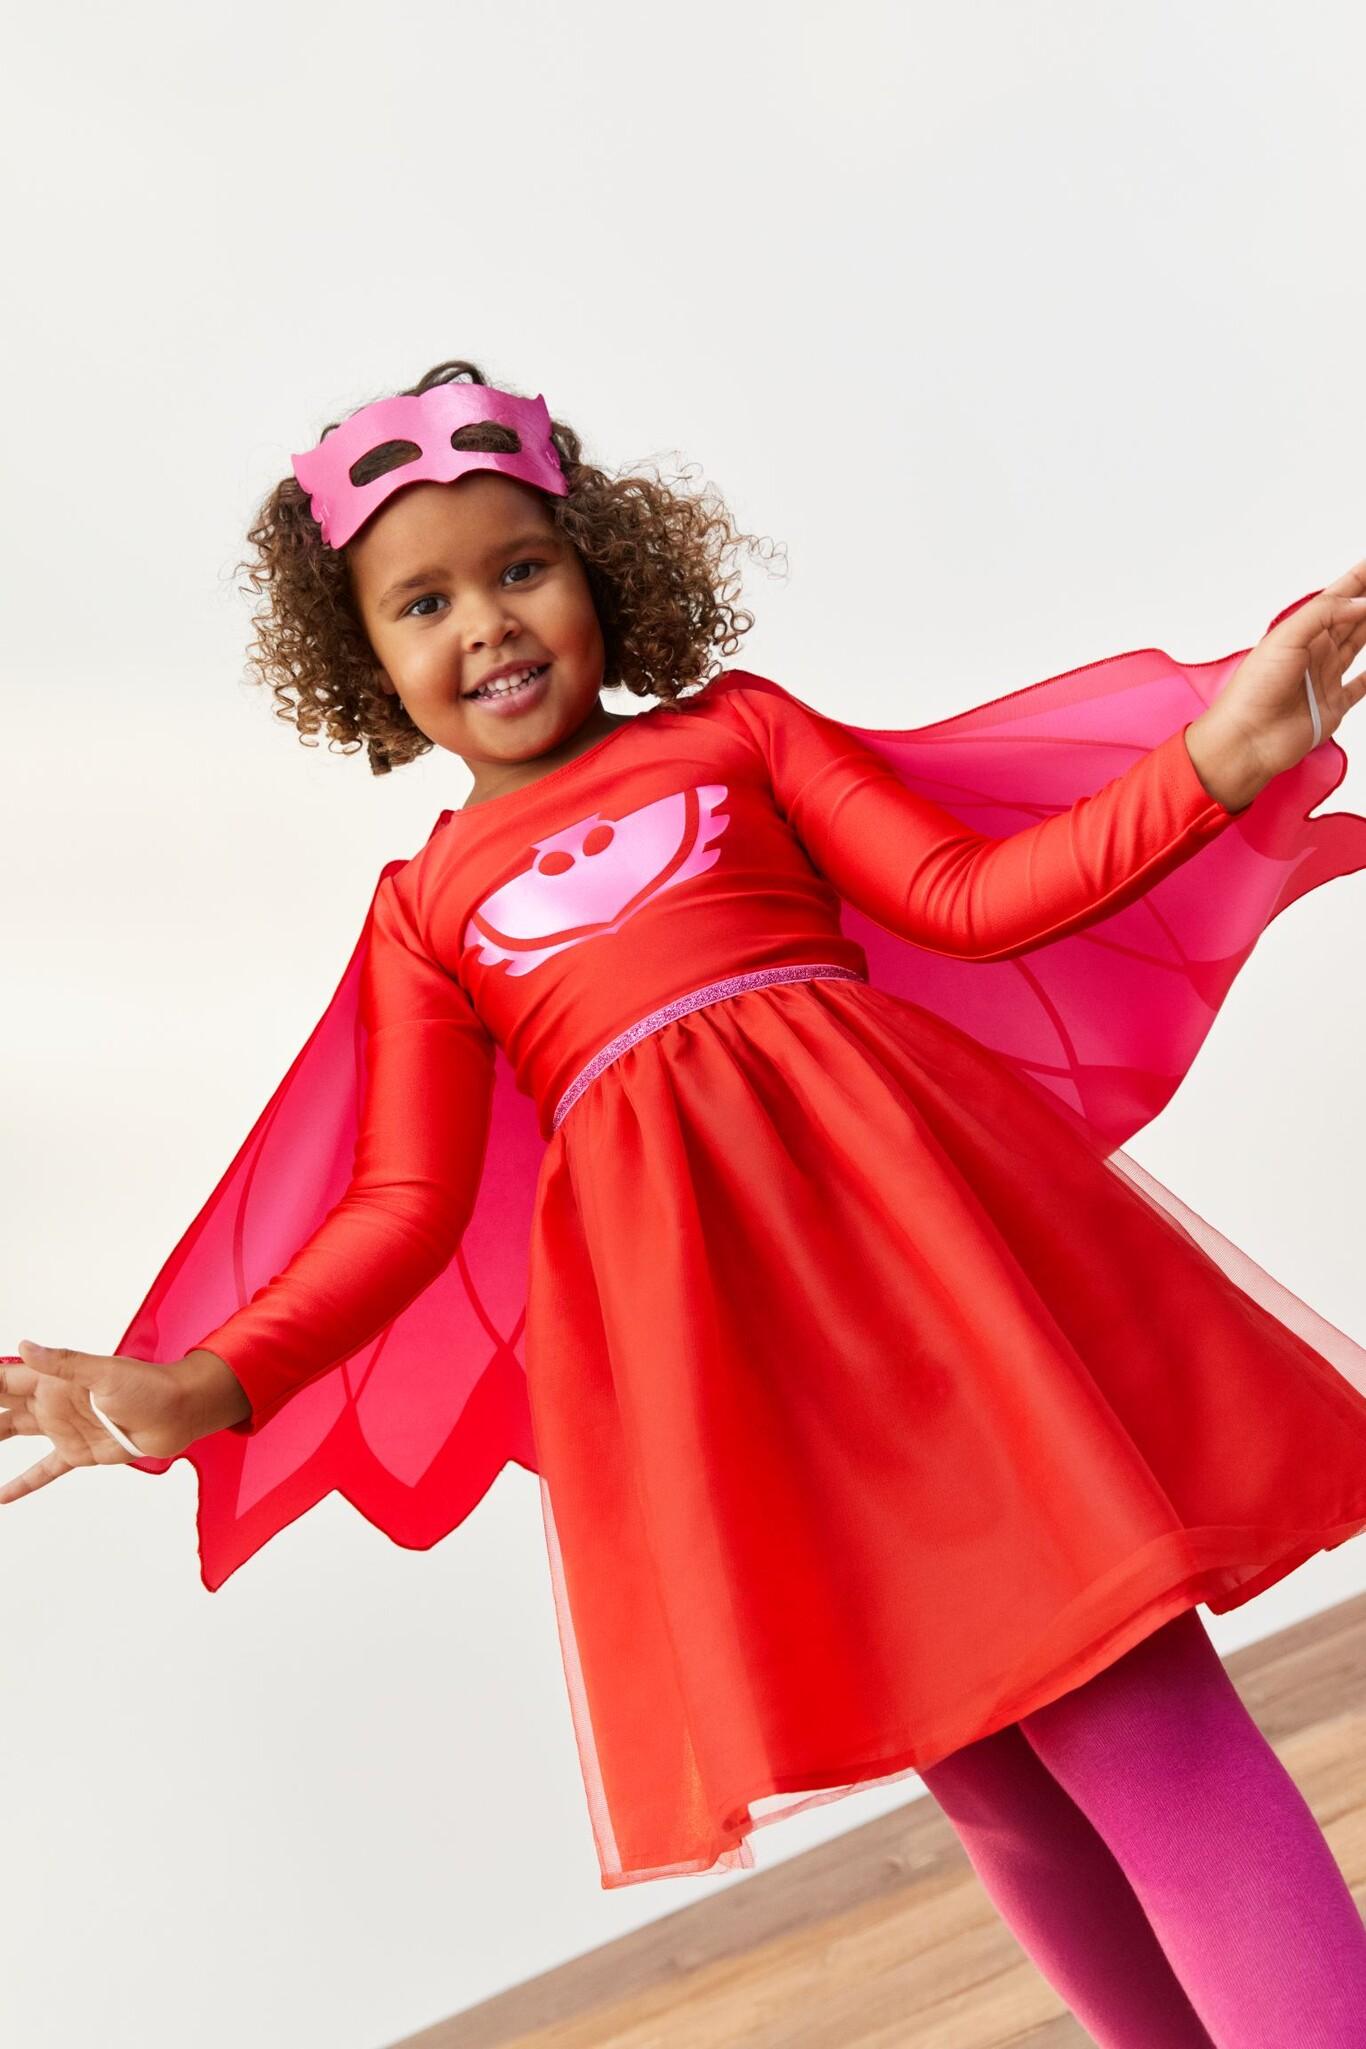 Vestido de disfraz en punto con motivo estampado en la parte superior. Modelo de manga larga con costura elástica de glitter en la cintura y falda de tul con forro de tafetán y ligero vuelo.